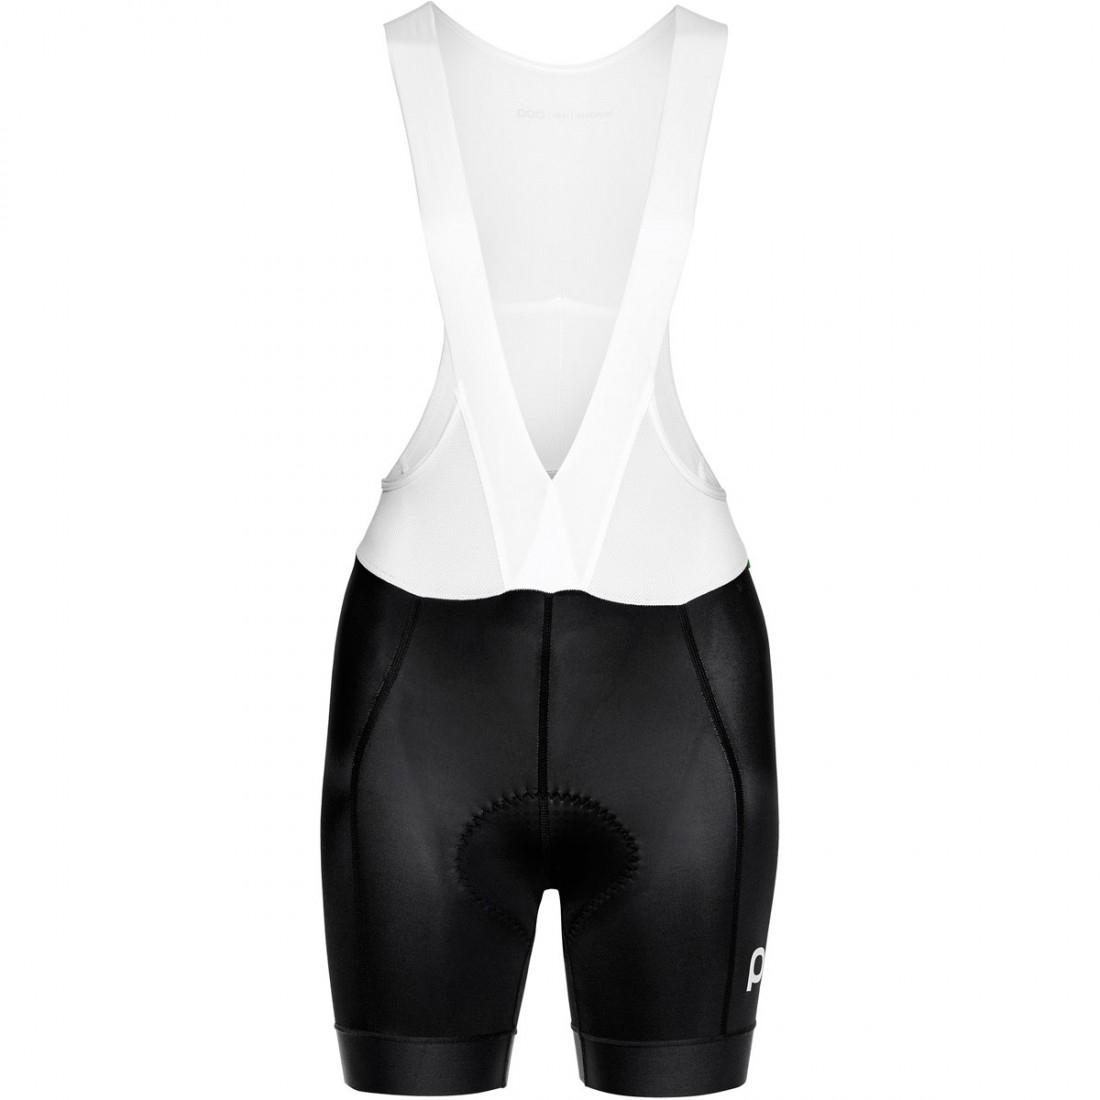 POC Essential Road VPDS Bib Shorts Lady Black Uranium Cycling pants ... 91db5db7a